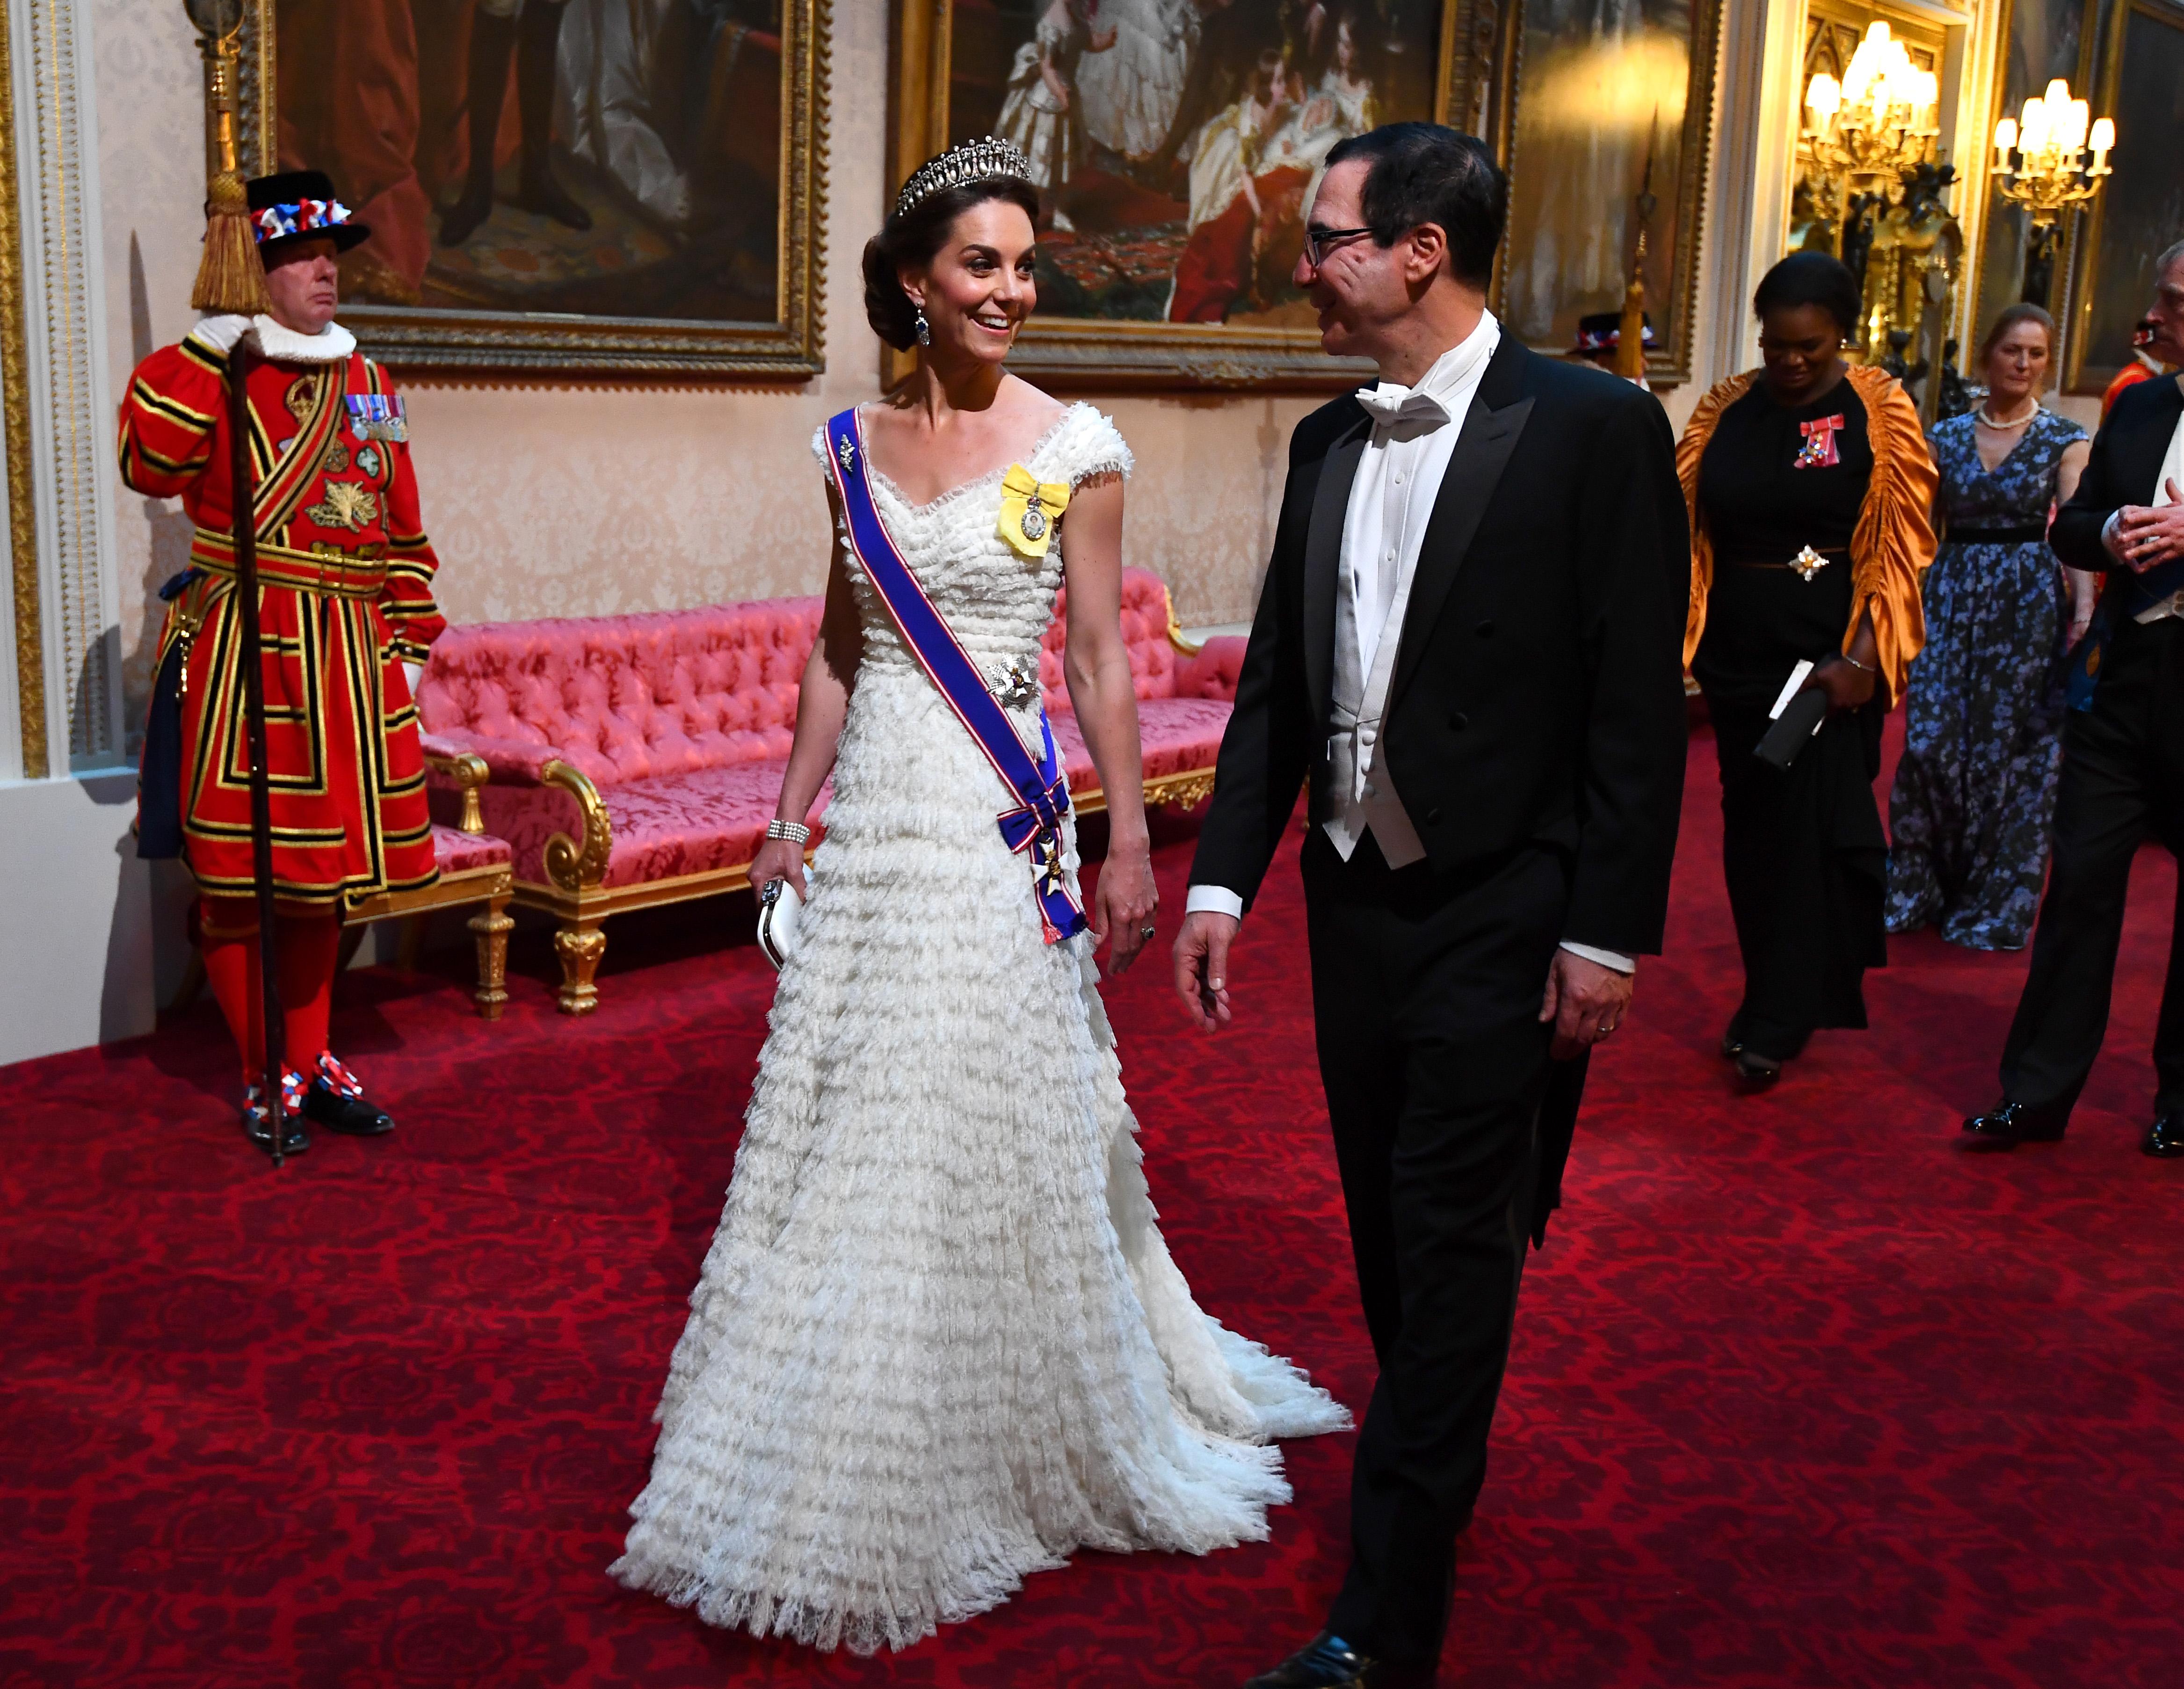 На банкета херцогинята на Кембридж - Кейт, пък отдаде почит на покойната Даяна, като беше сложила нейна любима диадема. Тя беше избрала и обеци със сапфири и диаманти на кралицата-майка. Съпругата на принц Уилям носеше бяла рокля на Александър Маккуин за тържественото събитие.